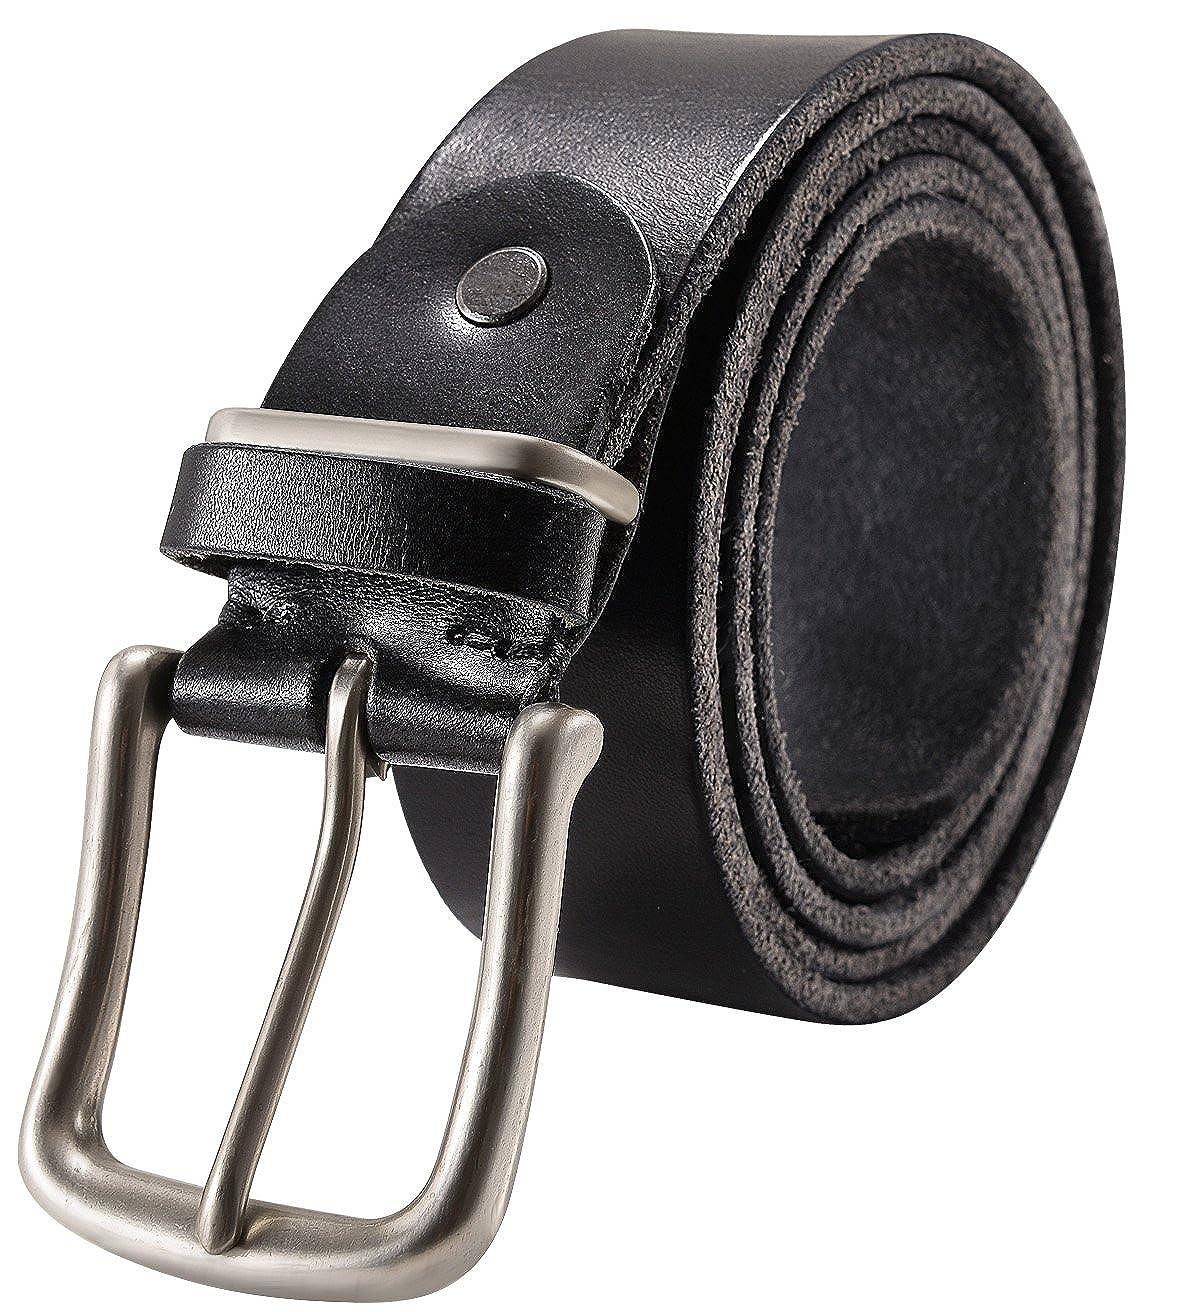 Amazon.com: Cinturón de cuero italiano suave de grano ...